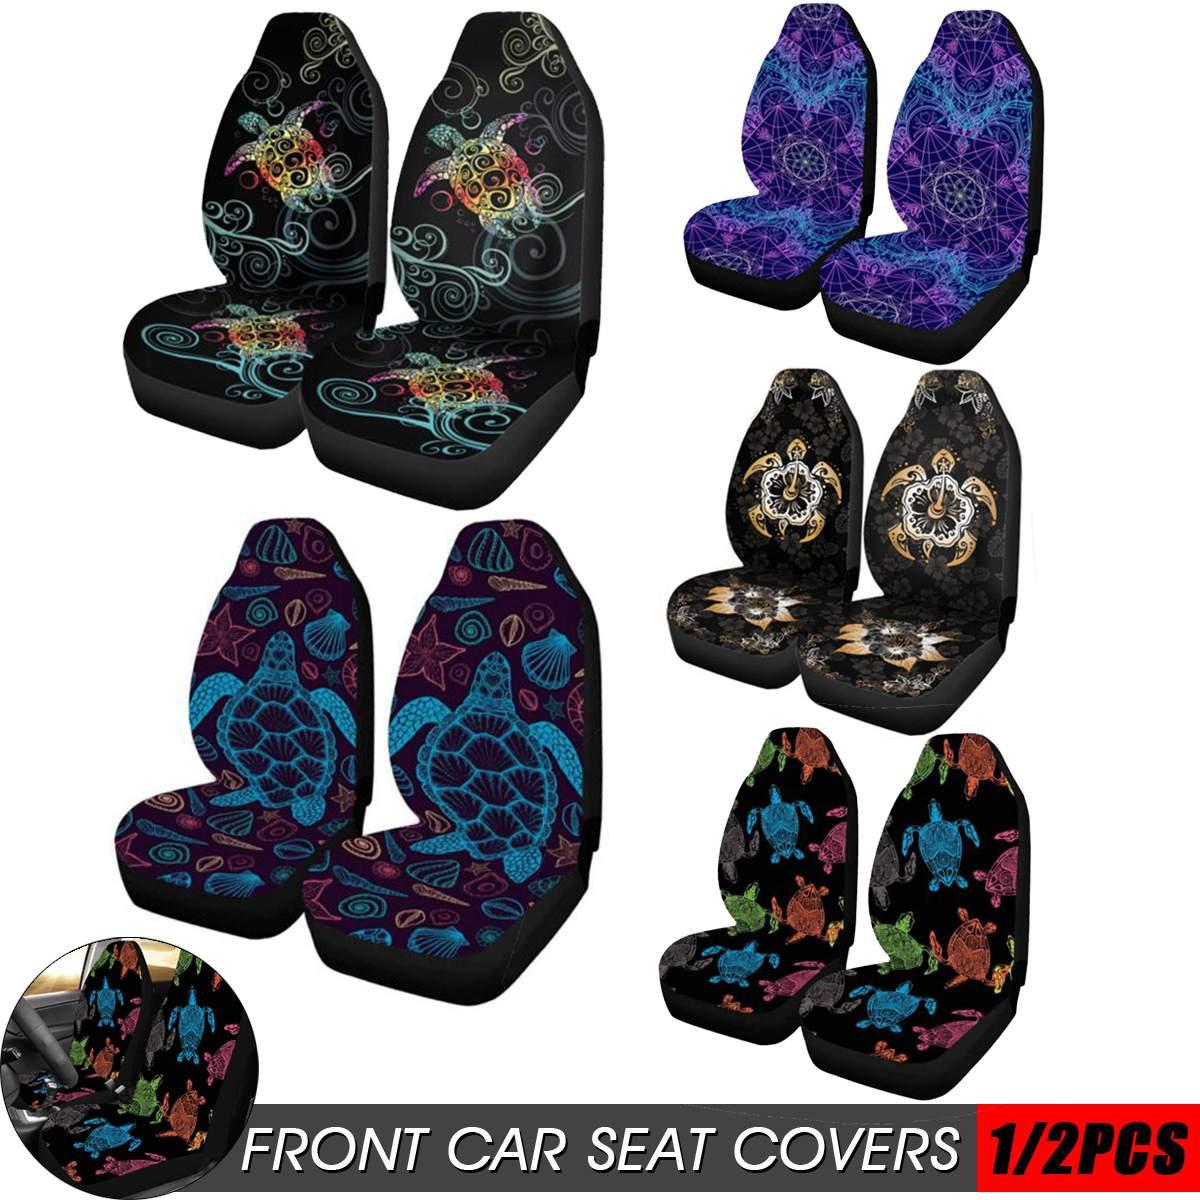 2 stücke Front Auto Sitz Abdeckung Automobil Sitz Protector Soft Stoff Mode Muster für Die Meisten Auto Autos SUV Lkw Van universal